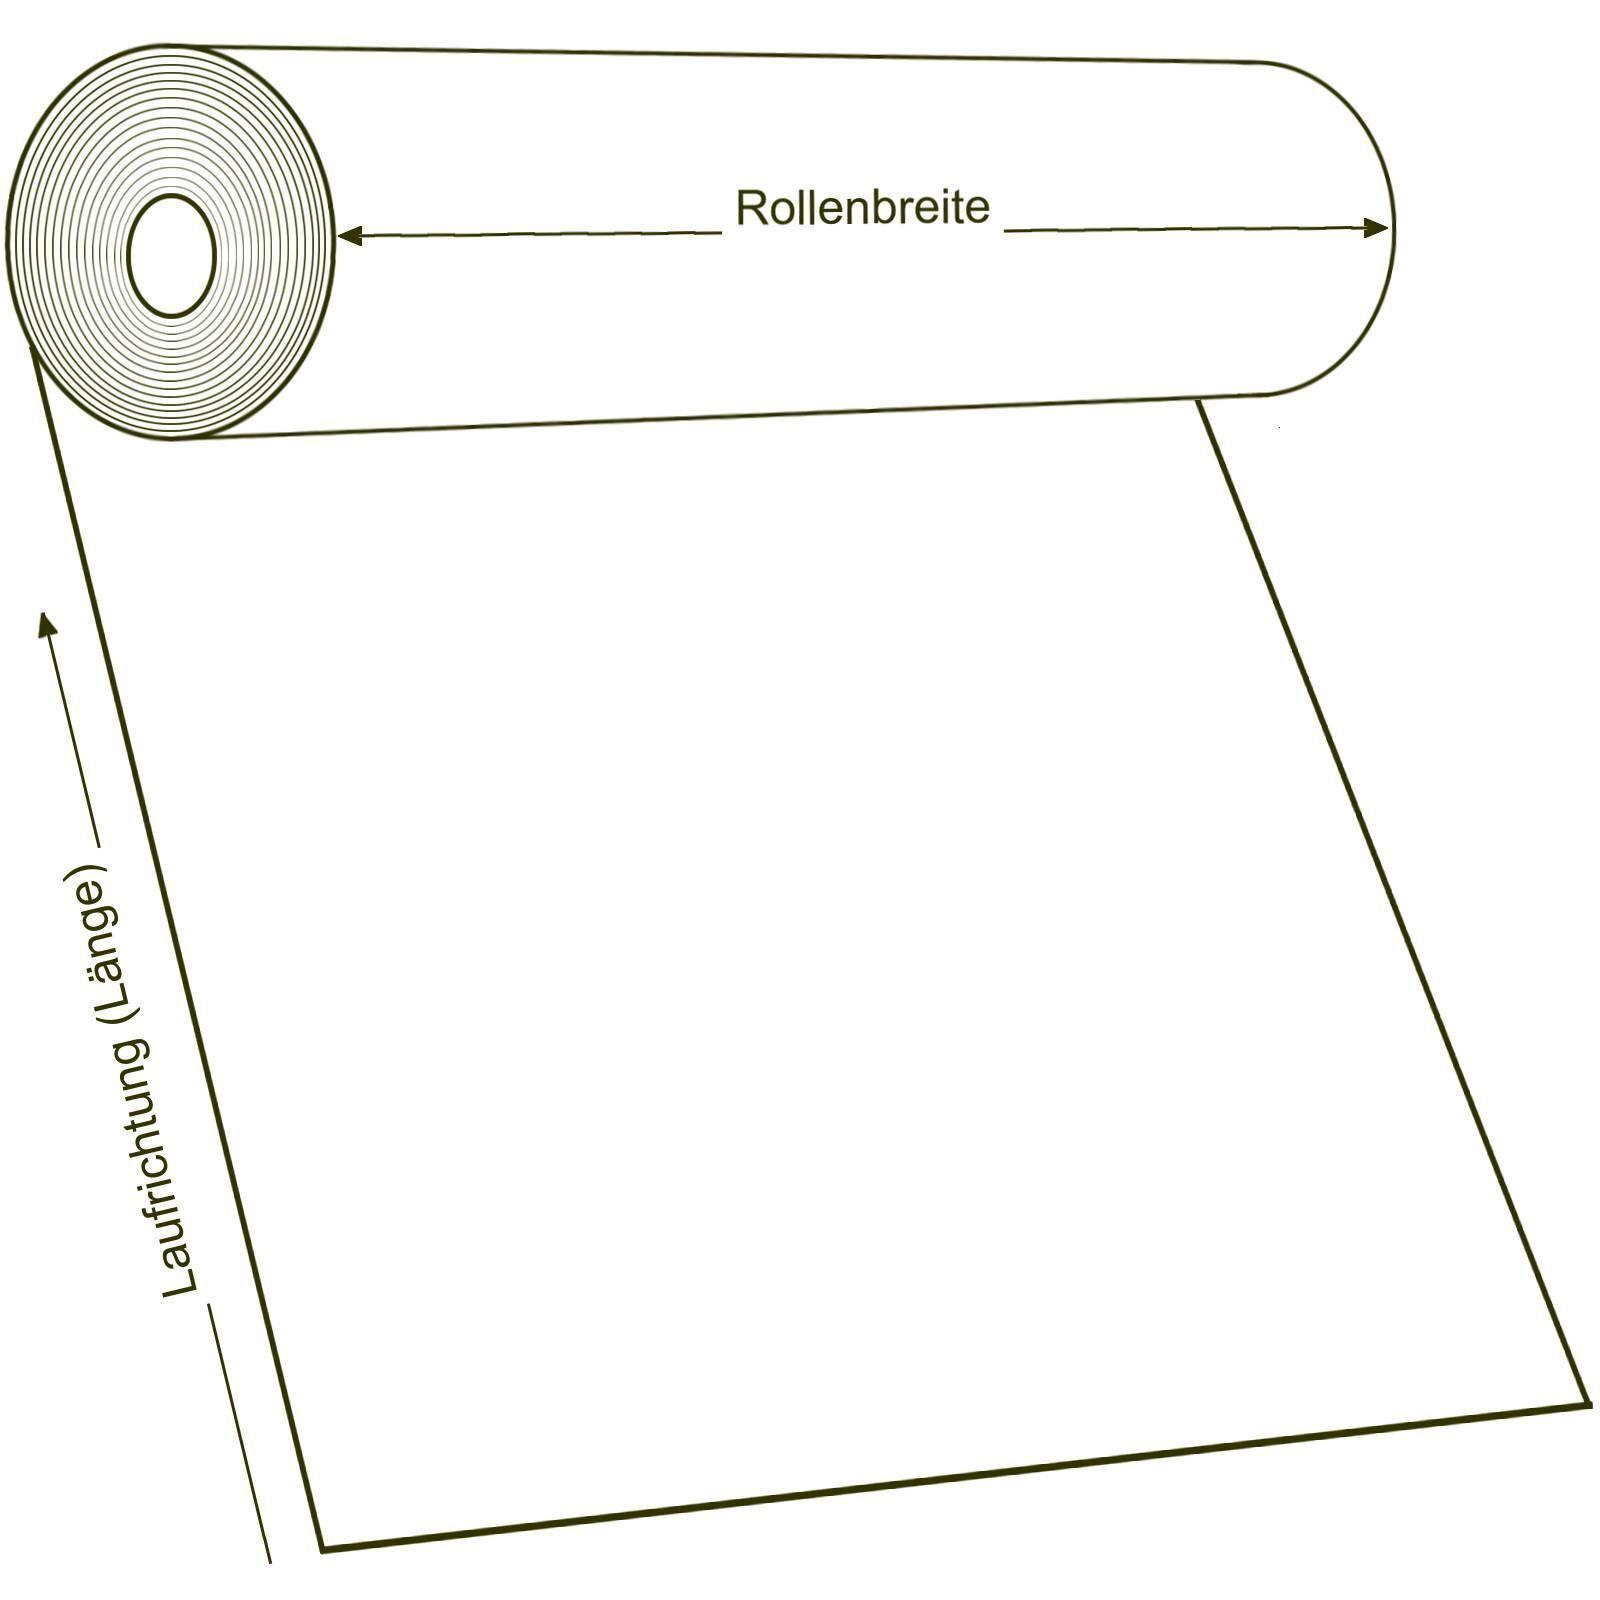 Muster DIN A4 8,90 /€ p. m/² PVC Bodenbelag Noppenbelag Noppe Uni Grau